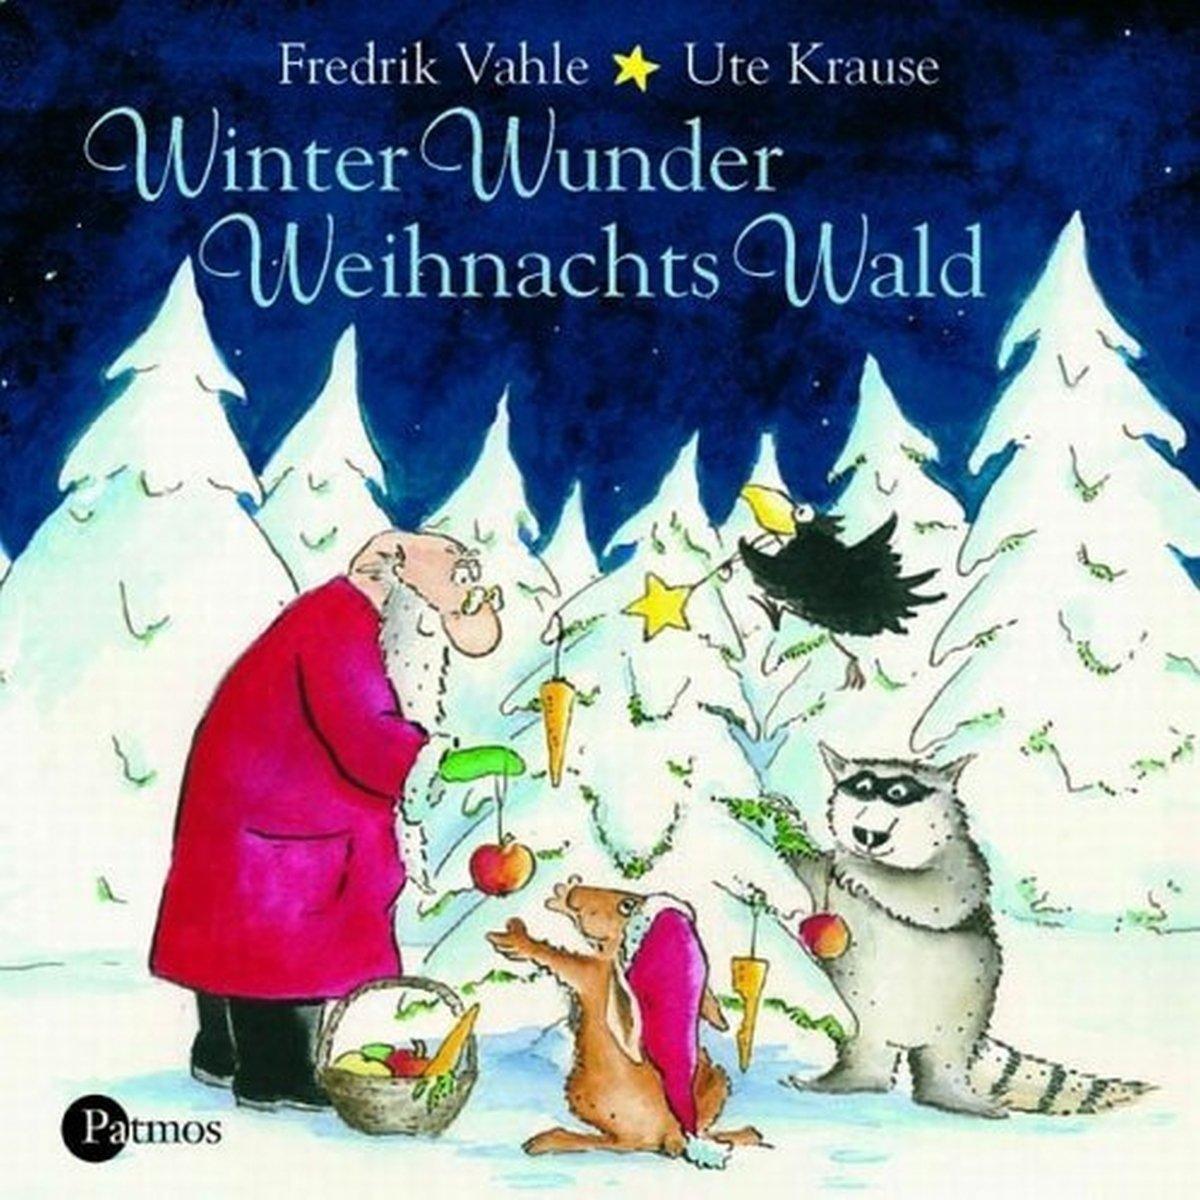 Winter Wunder Weihnachts Wald Cd Sauerländer Hörbuch Tonträger Vahle Fredrik Vahle Fredrik Bücher